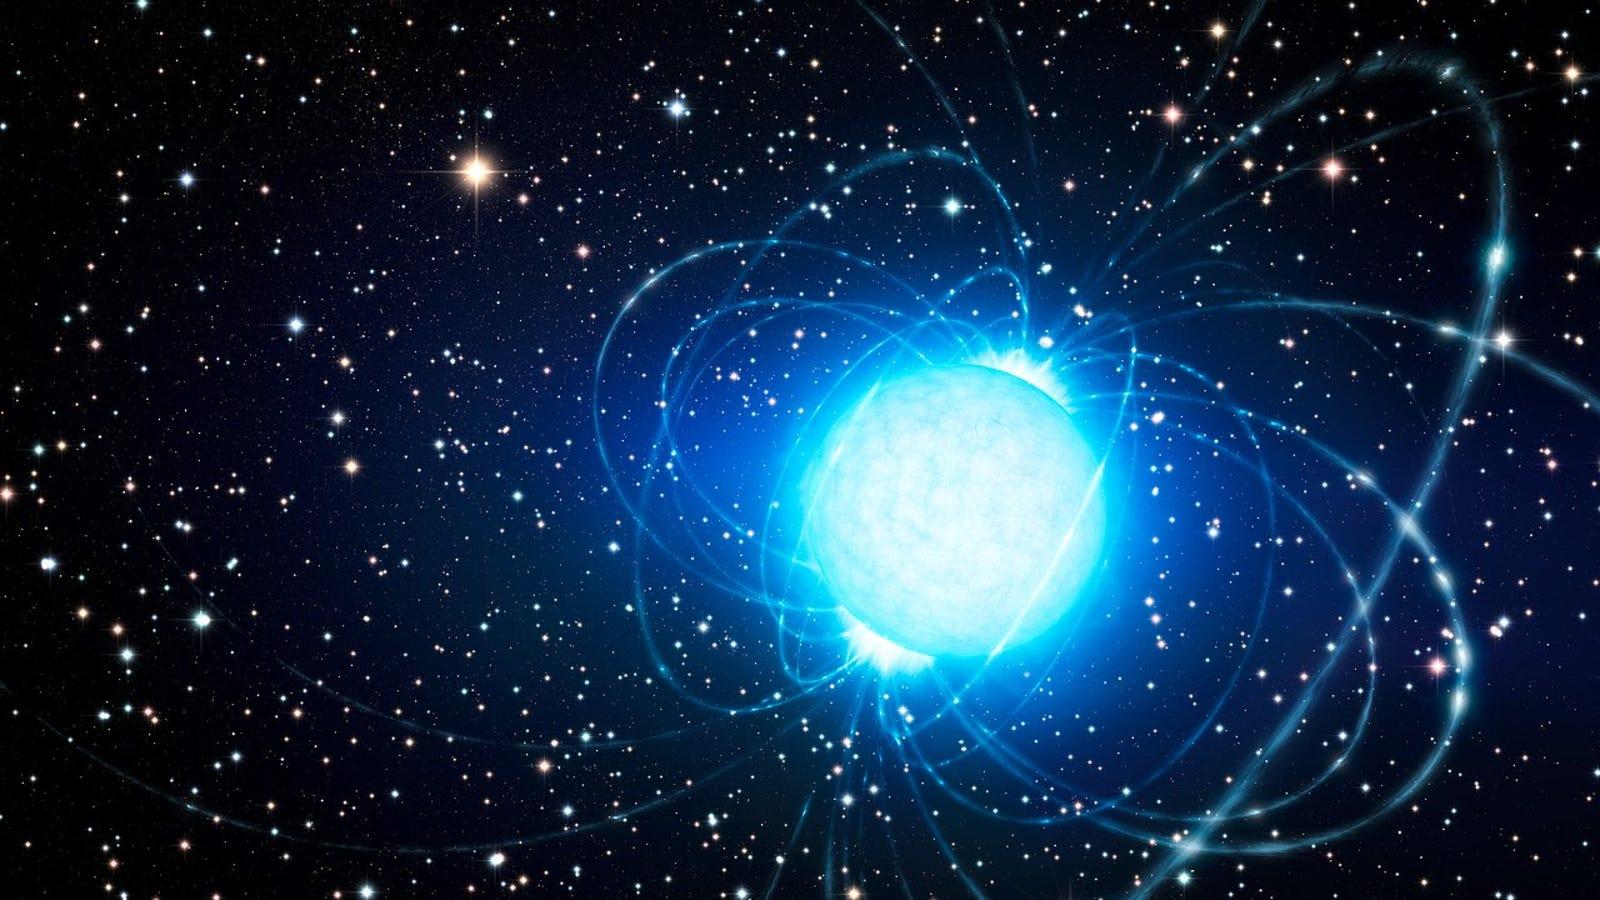 Una extraña estrella vuelve a emitir señales de radio después de una década en silencio